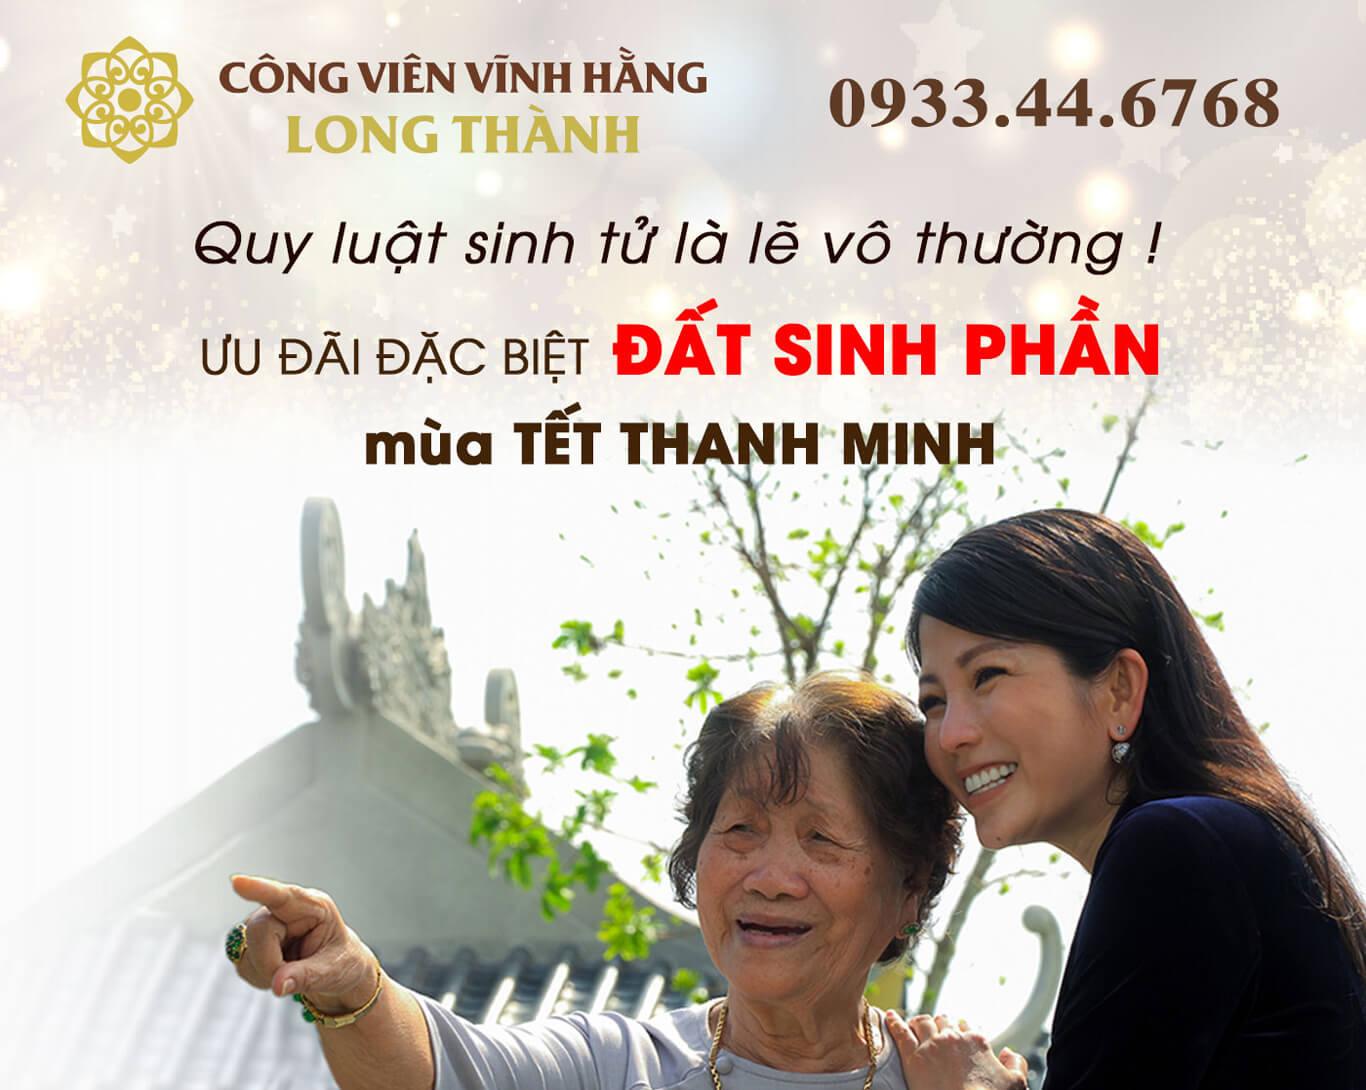 Tết Thanh Minh 2020 - Công Viên Vĩnh Hằng Long Thành